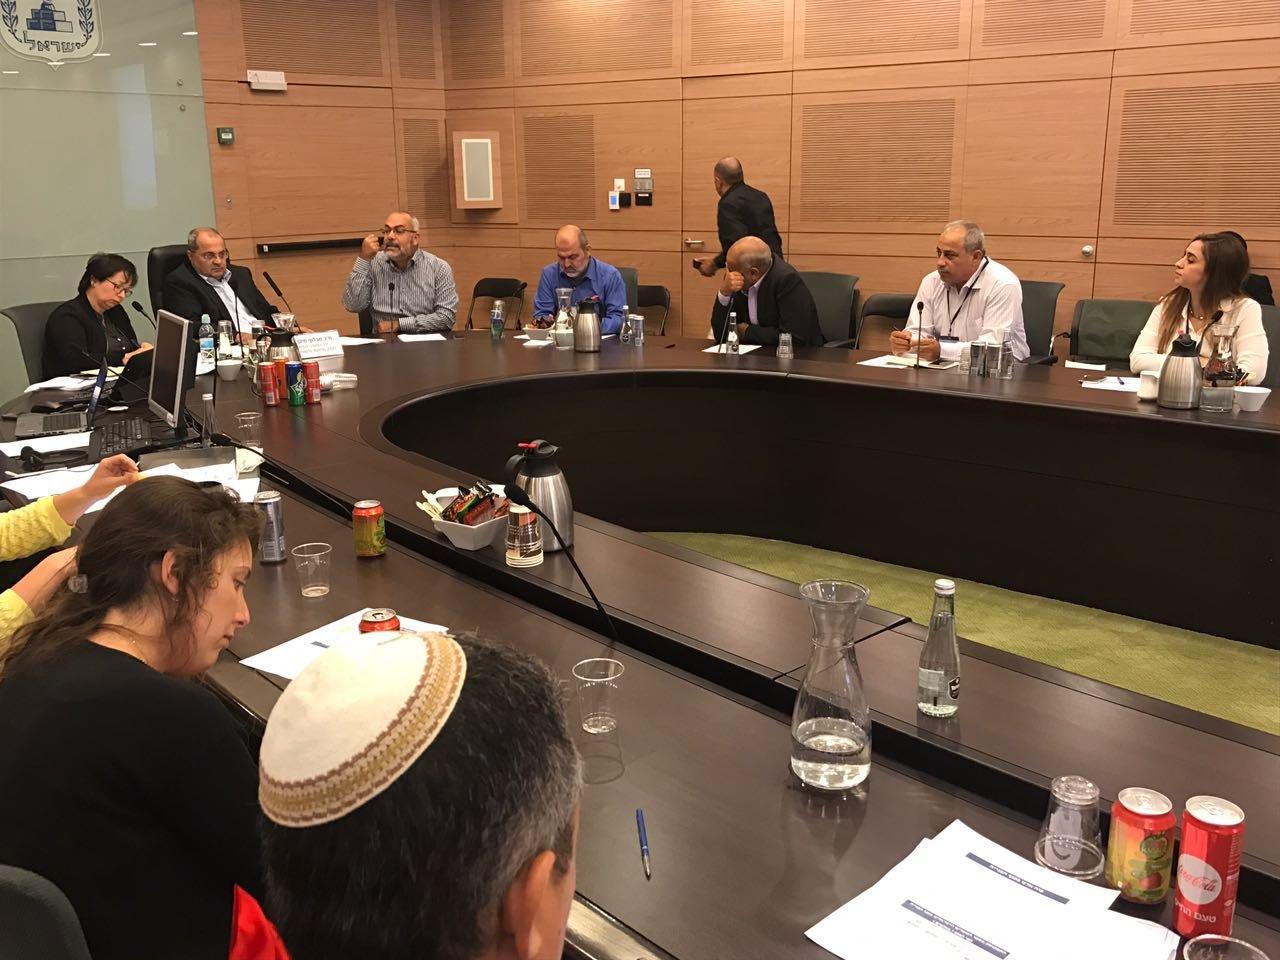 بمبادرة الطيبي: الكنيست تبحث في اتفاق استقدام 20 ألف عامل بناء من الصين على حساب العمال العرب